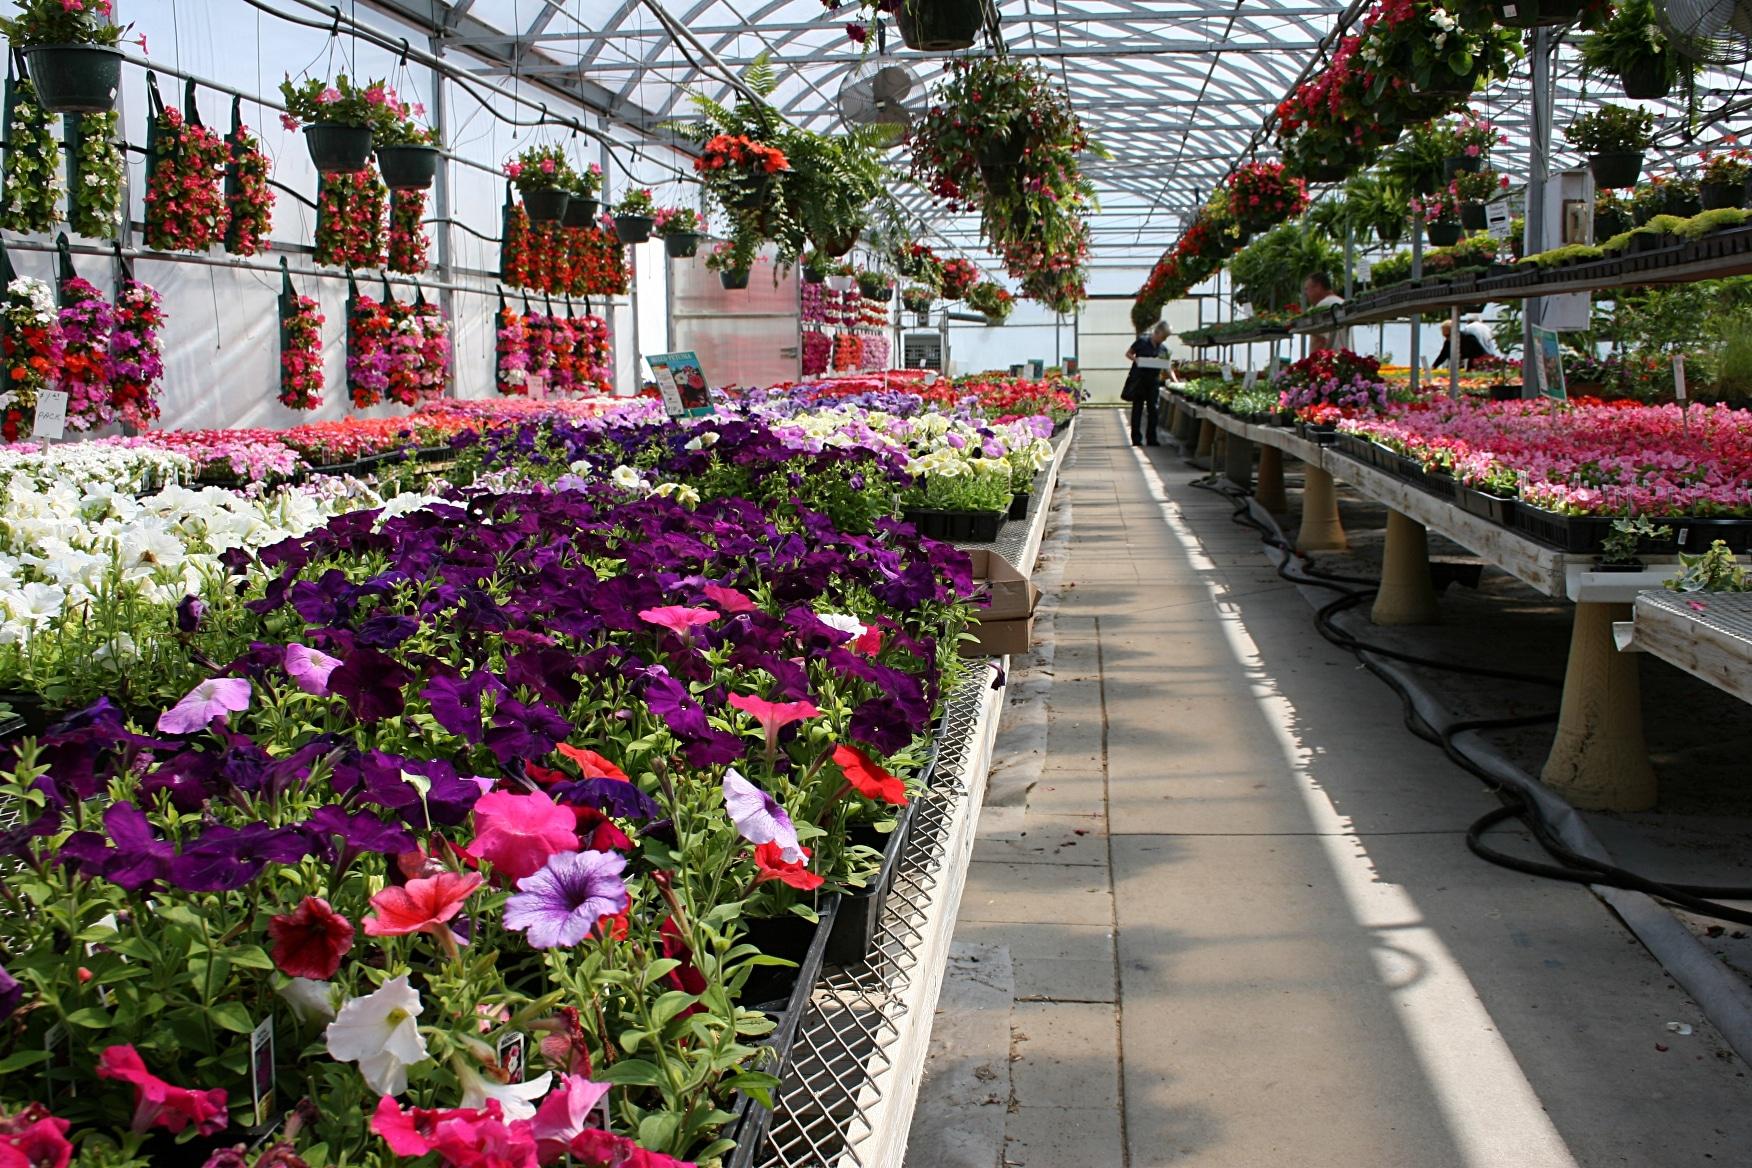 Какой должна быть идеальная теплица для цветов: все про выращивание цветов в теплице